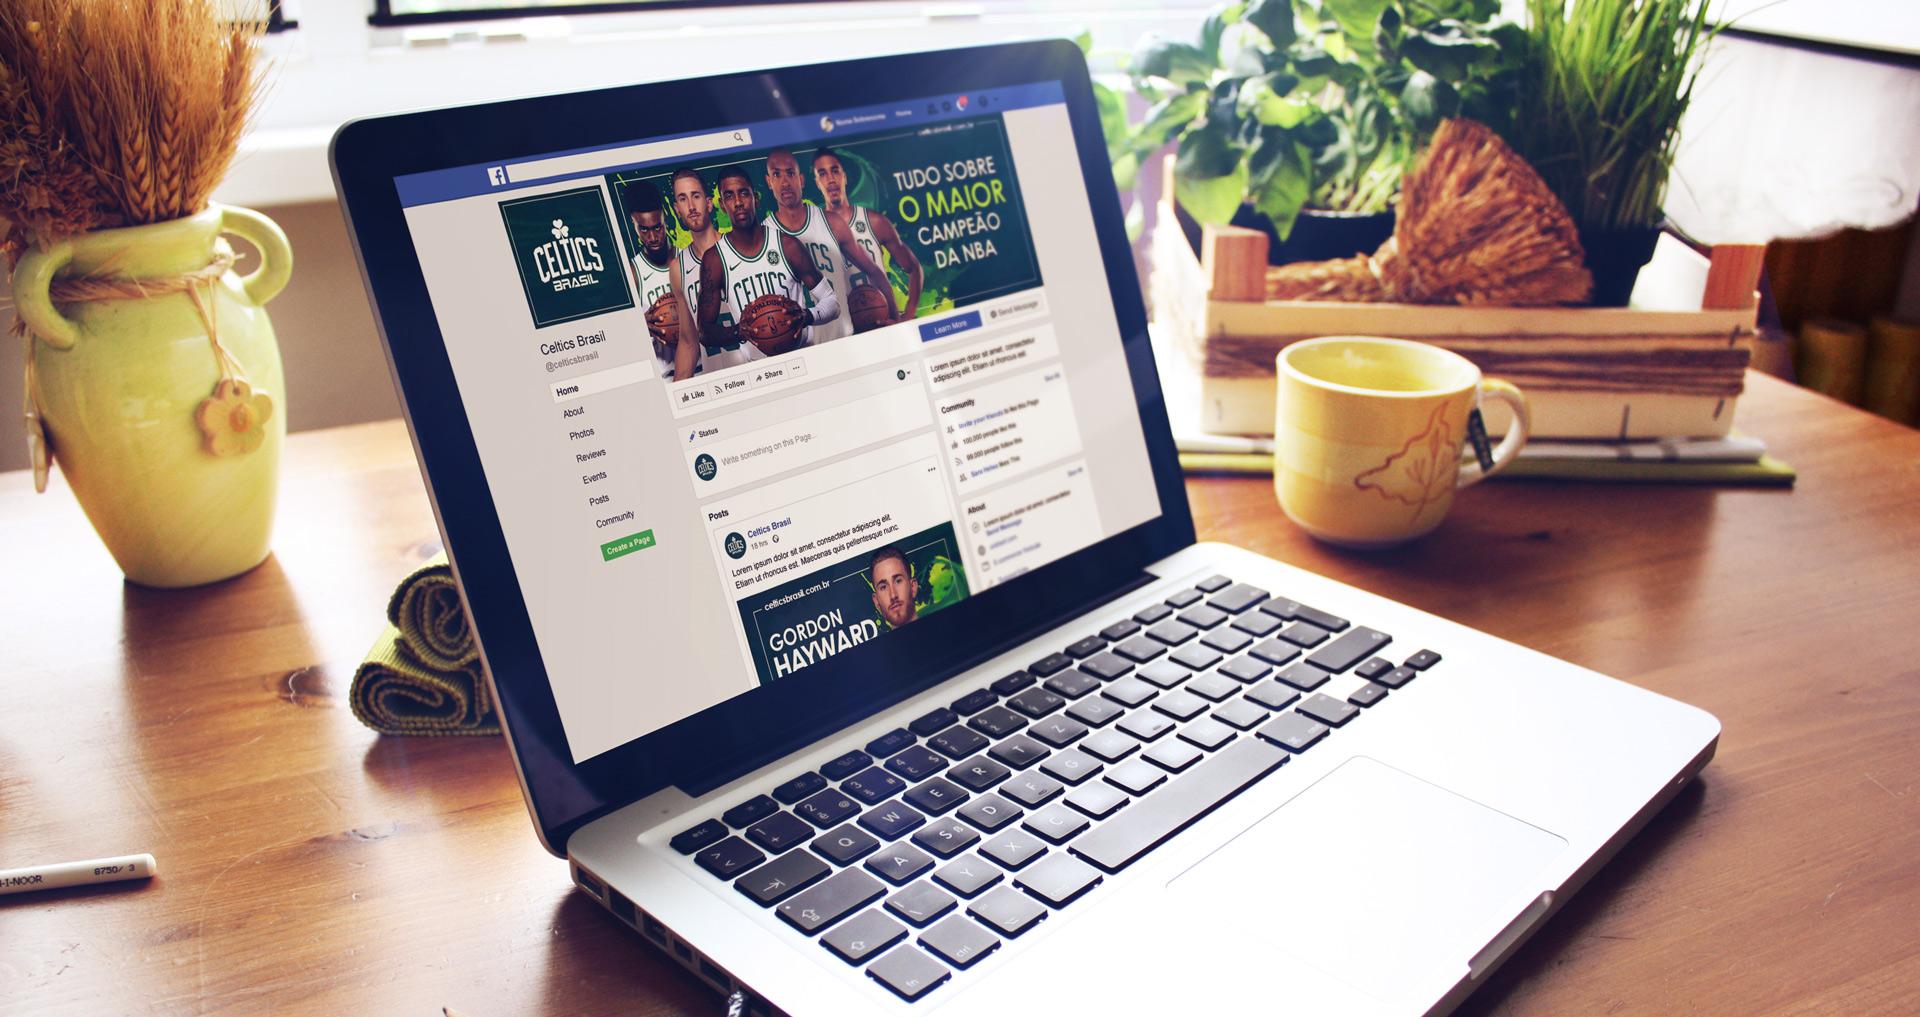 Celtics Brasil - Criação de conteúdo e personalização de redes sociais